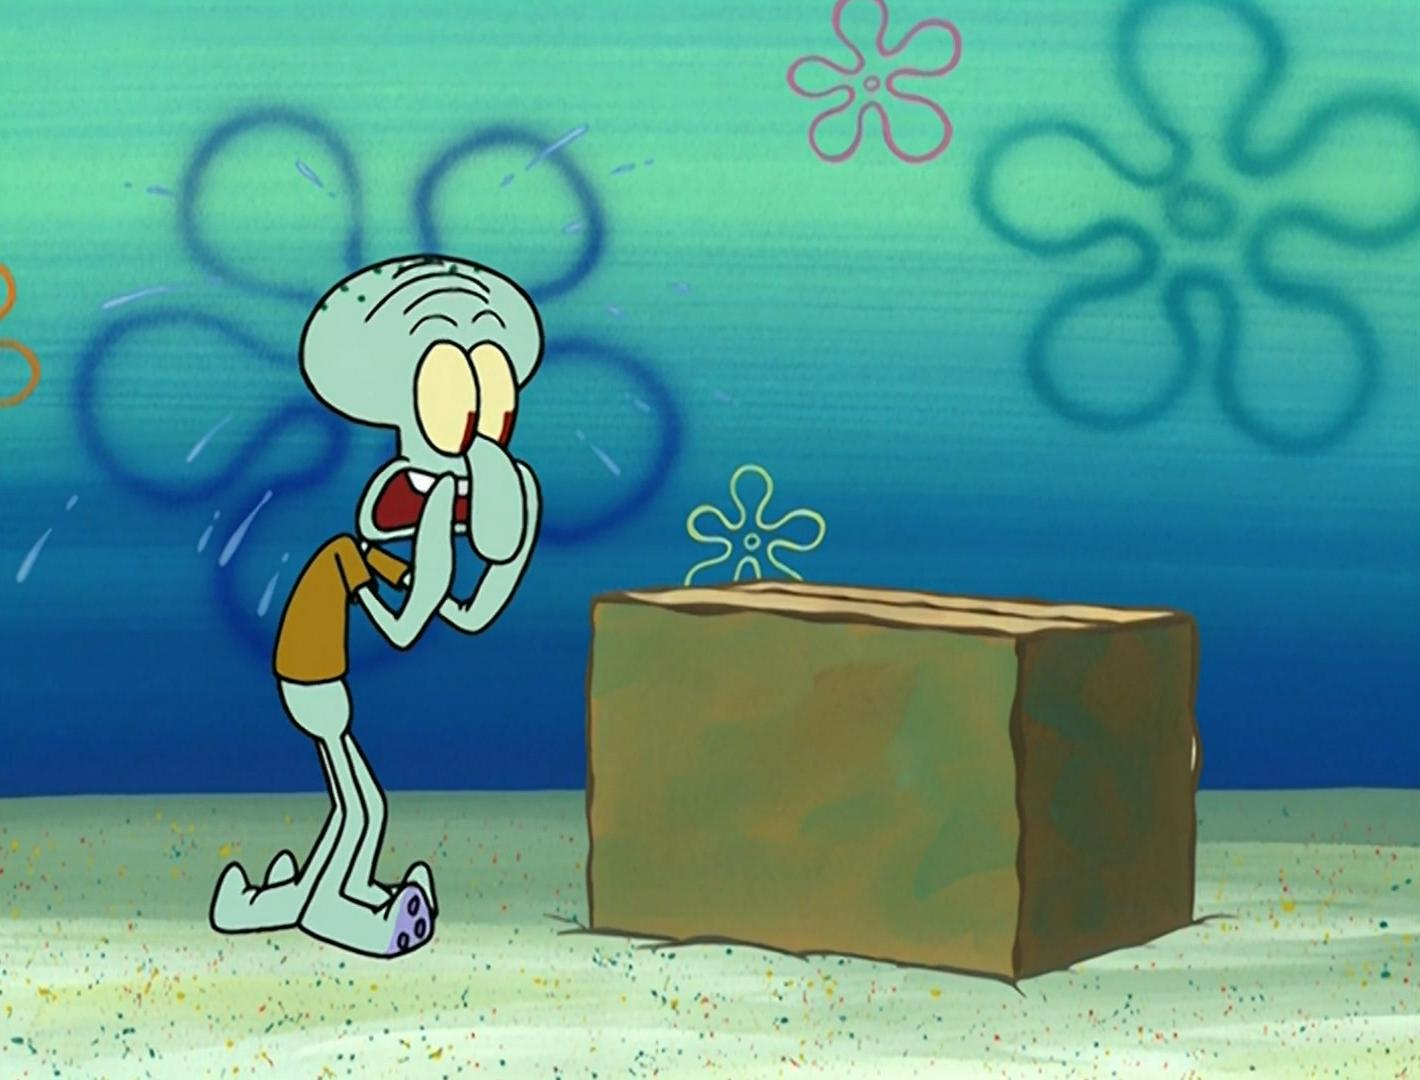 File:Idiot Box 062.png